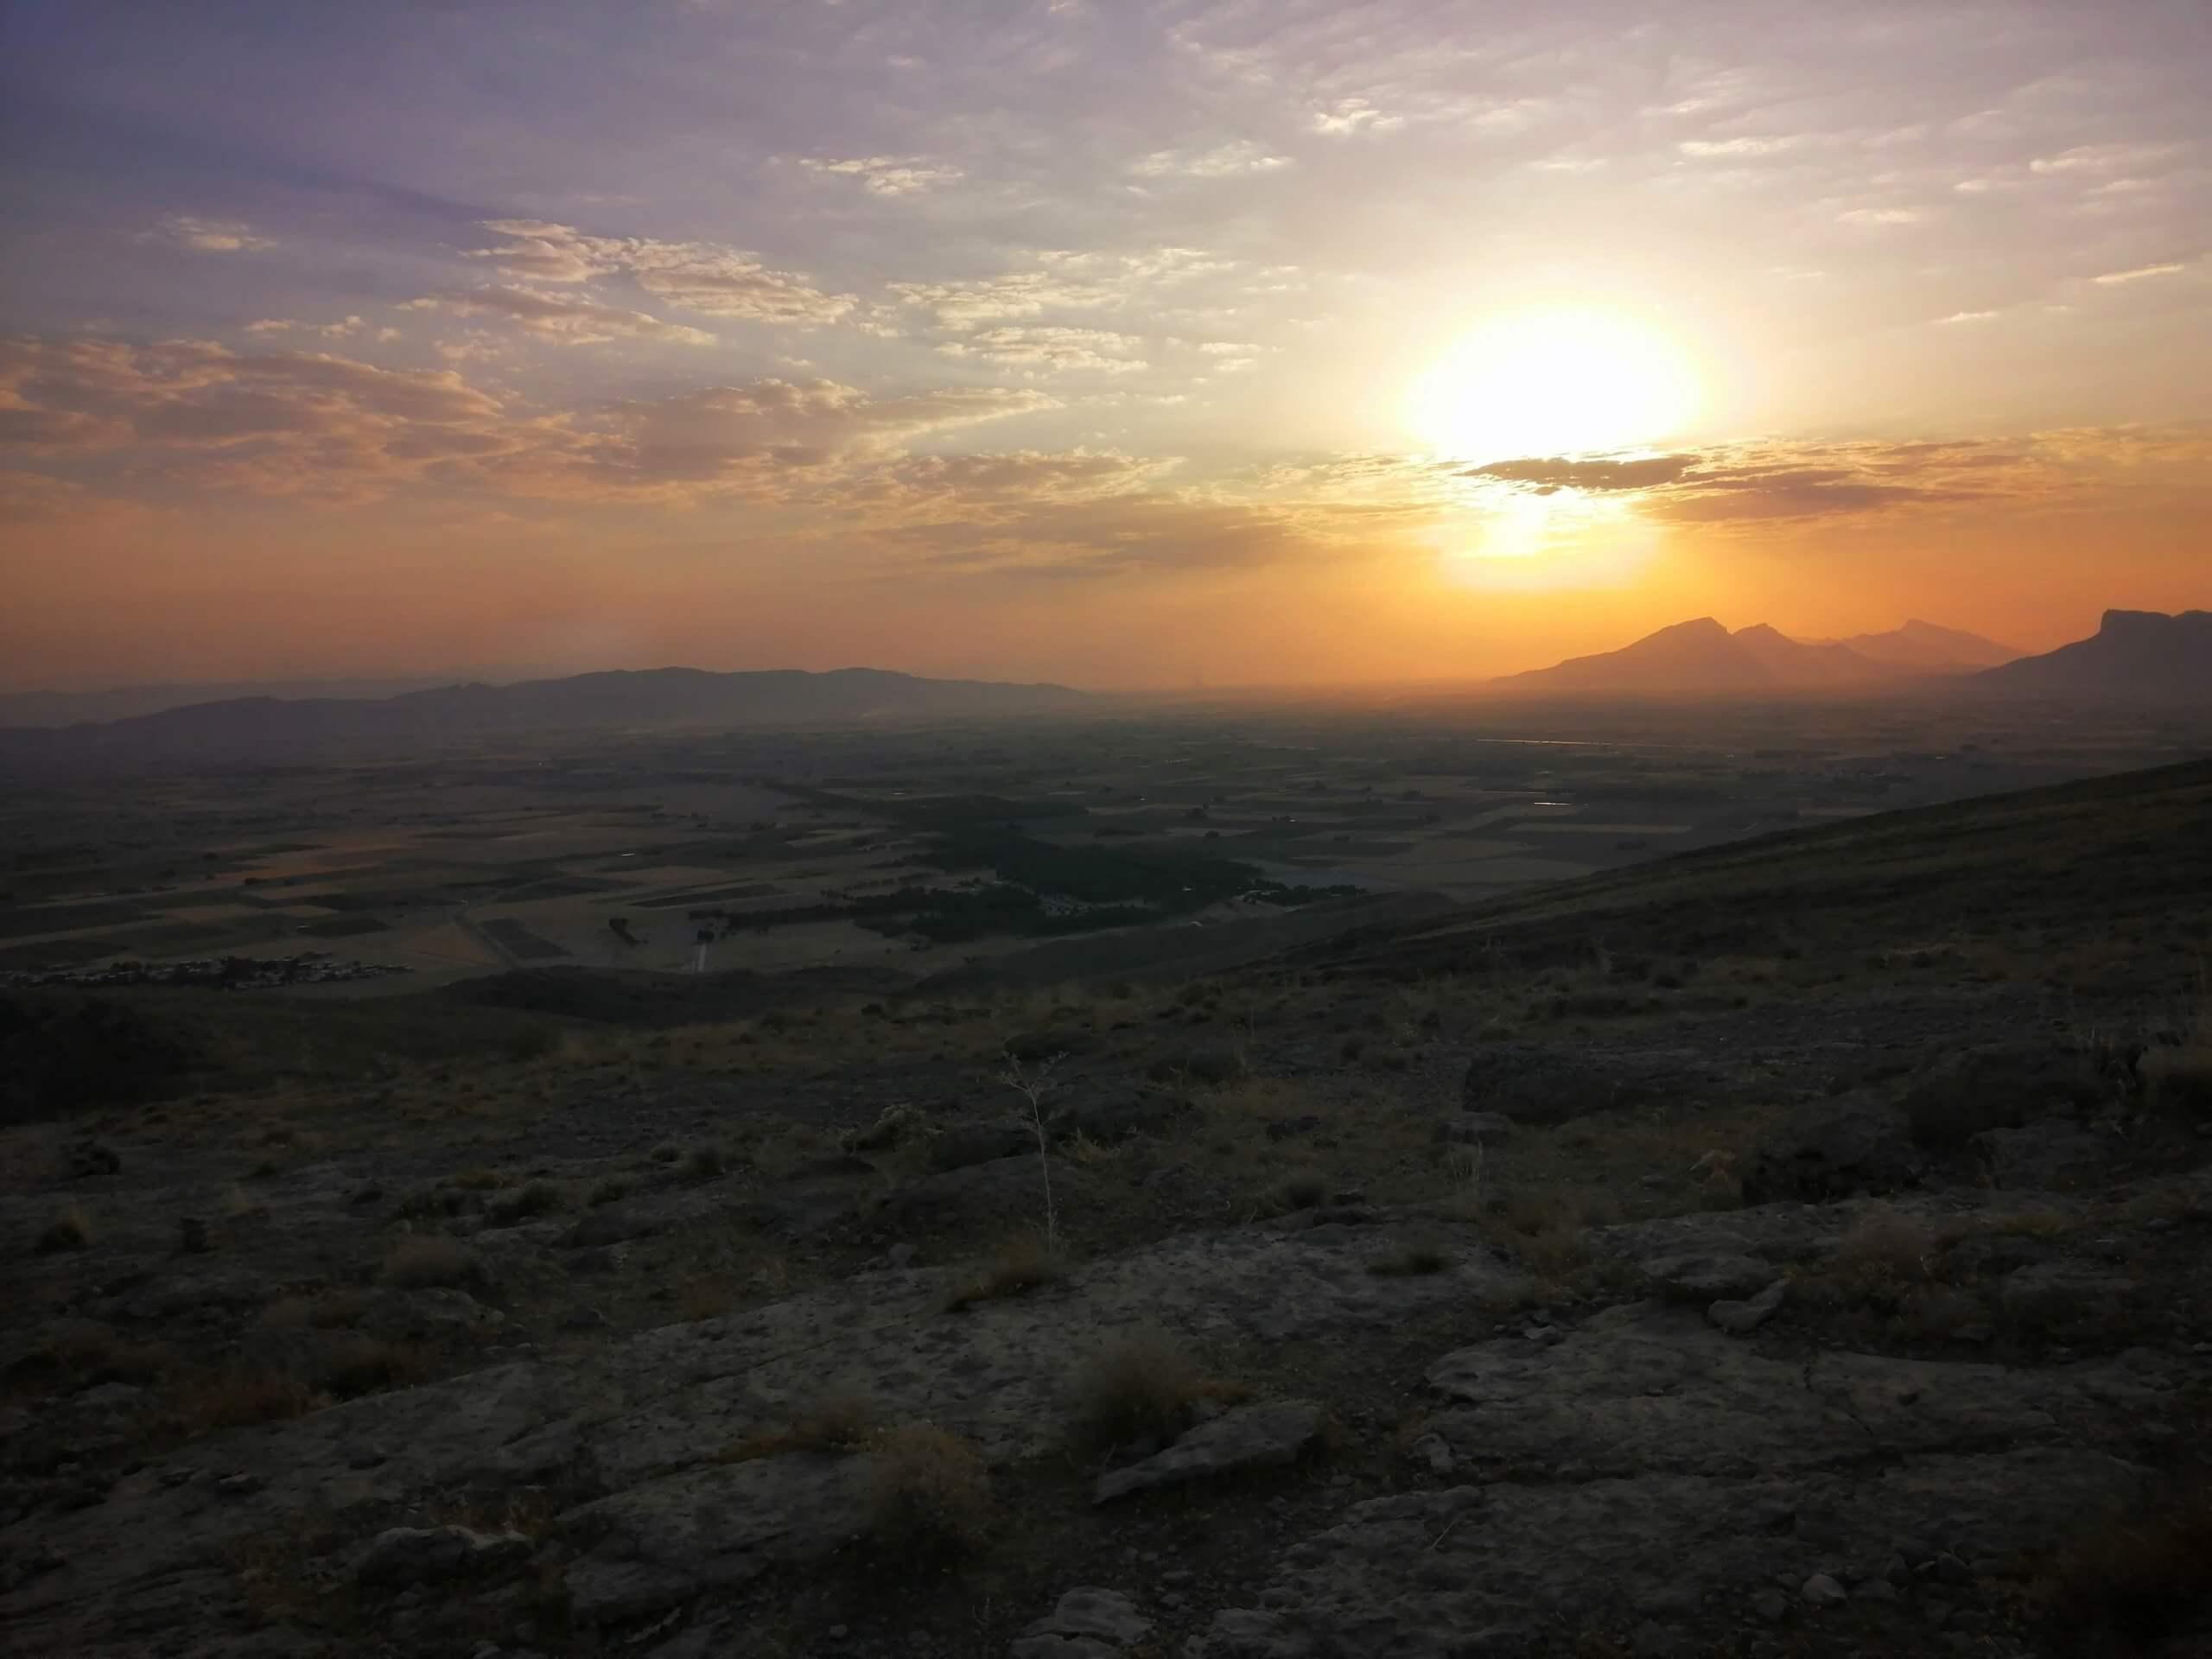 ペルセポリスの丘から見た荒野